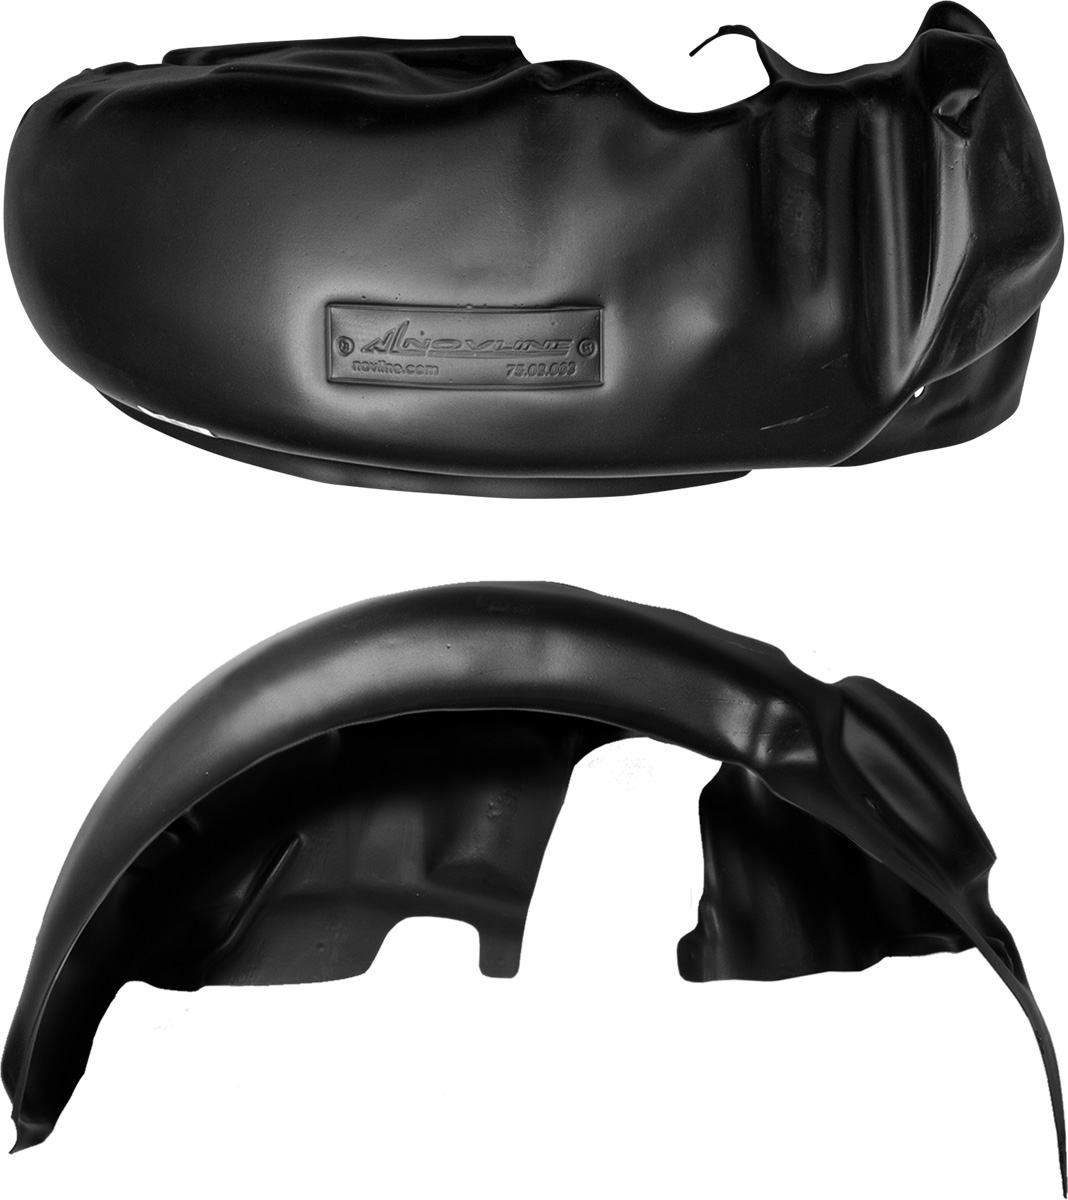 Подкрылок CHEVROLET NIVA 2009-2013, передний левый98298123_черныйКолесные ниши – одни из самых уязвимых зон днища вашего автомобиля. Они постоянно подвергаются воздействию со стороны дороги. Лучшая, почти абсолютная защита для них - специально отформованные пластиковые кожухи, которые называются подкрылками, или локерами. Производятся они как для отечественных моделей автомобилей, так и для иномарок. Подкрылки выполнены из высококачественного, экологически чистого пластика. Обеспечивают надежную защиту кузова автомобиля от пескоструйного эффекта и негативного влияния, агрессивных антигололедных реагентов. Пластик обладает более низкой теплопроводностью, чем металл, поэтому в зимний период эксплуатации использование пластиковых подкрылков позволяет лучше защитить колесные ниши от налипания снега и образования наледи. Оригинальность конструкции подчеркивает элегантность автомобиля, бережно защищает нанесенное на днище кузова антикоррозийное покрытие и позволяет осуществить крепление подкрылков внутри колесной арки практически без дополнительного крепежа и сверления, не нарушая при этом лакокрасочного покрытия, что предотвращает возникновение новых очагов коррозии. Технология крепления подкрылков на иномарки принципиально отличается от крепления на российские автомобили и разрабатывается индивидуально для каждой модели автомобиля. Подкрылки долговечны, обладают высокой прочностью и сохраняют заданную форму, а также все свои физико-механические характеристики в самых тяжелых климатических условиях ( от -50° С до + 50° С).